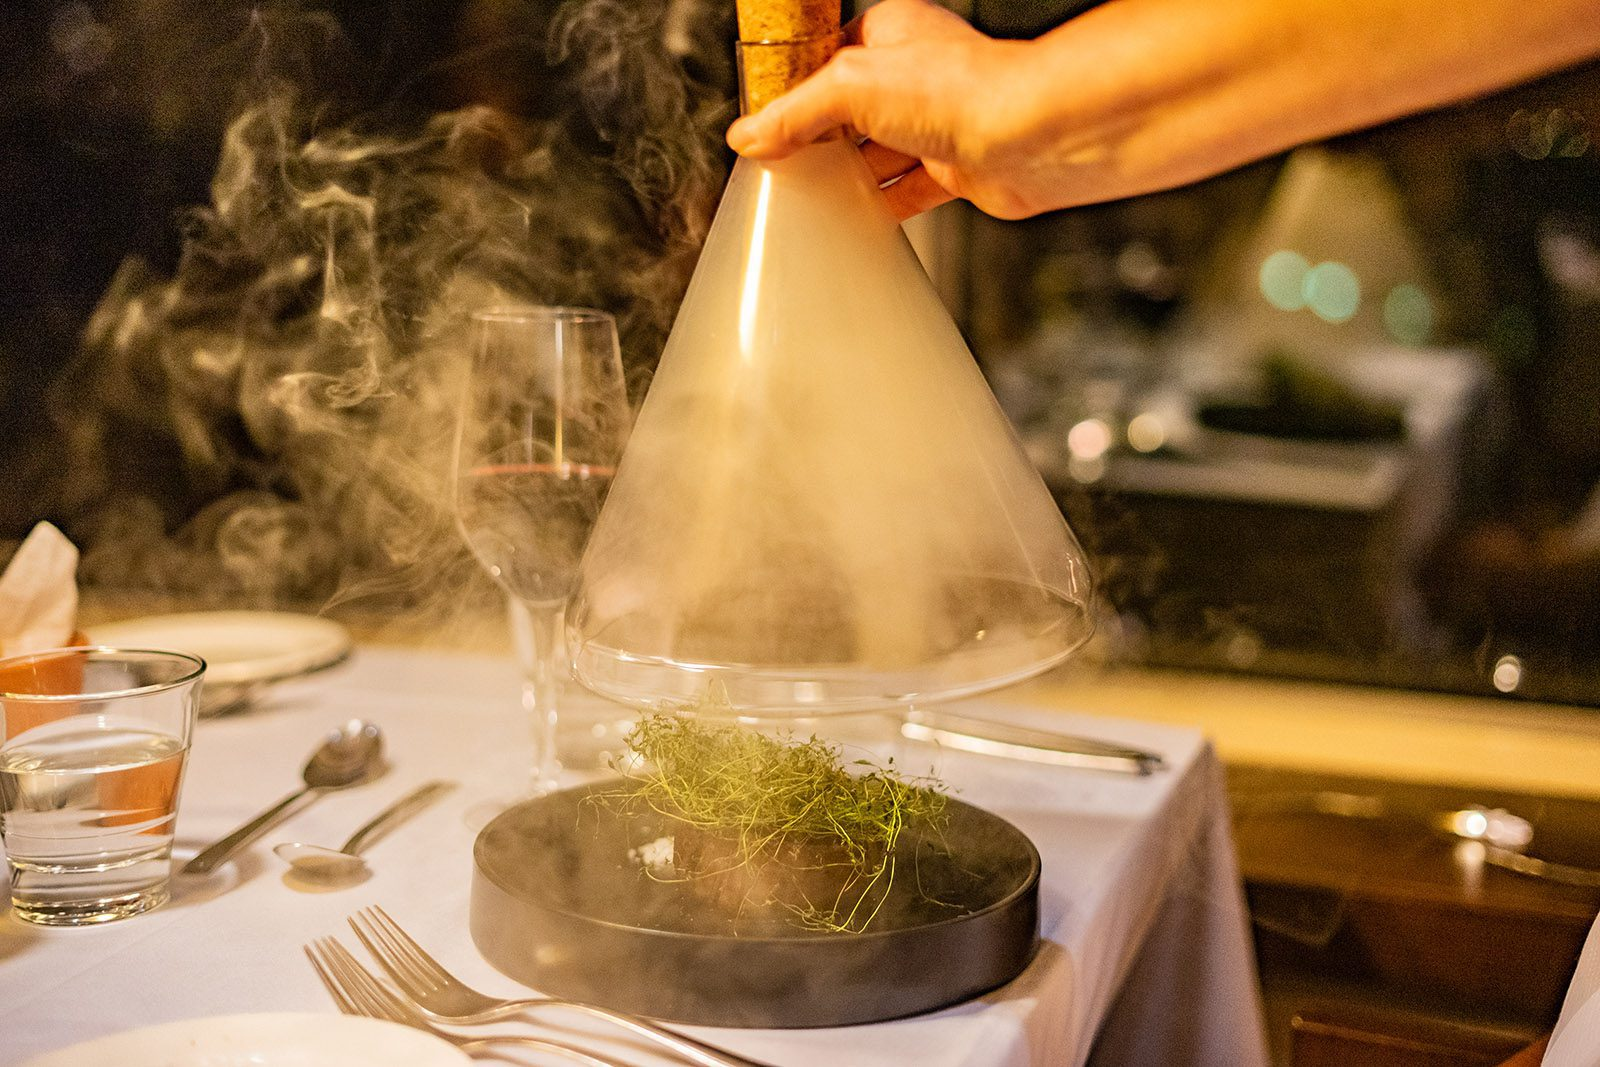 Ravintolan pöydässä tarjoilija nostaa lasisen kartion pois annoksen päältä, kartion alta tulee savua, joka ympäröi lautasella olevan pihviannoksen.